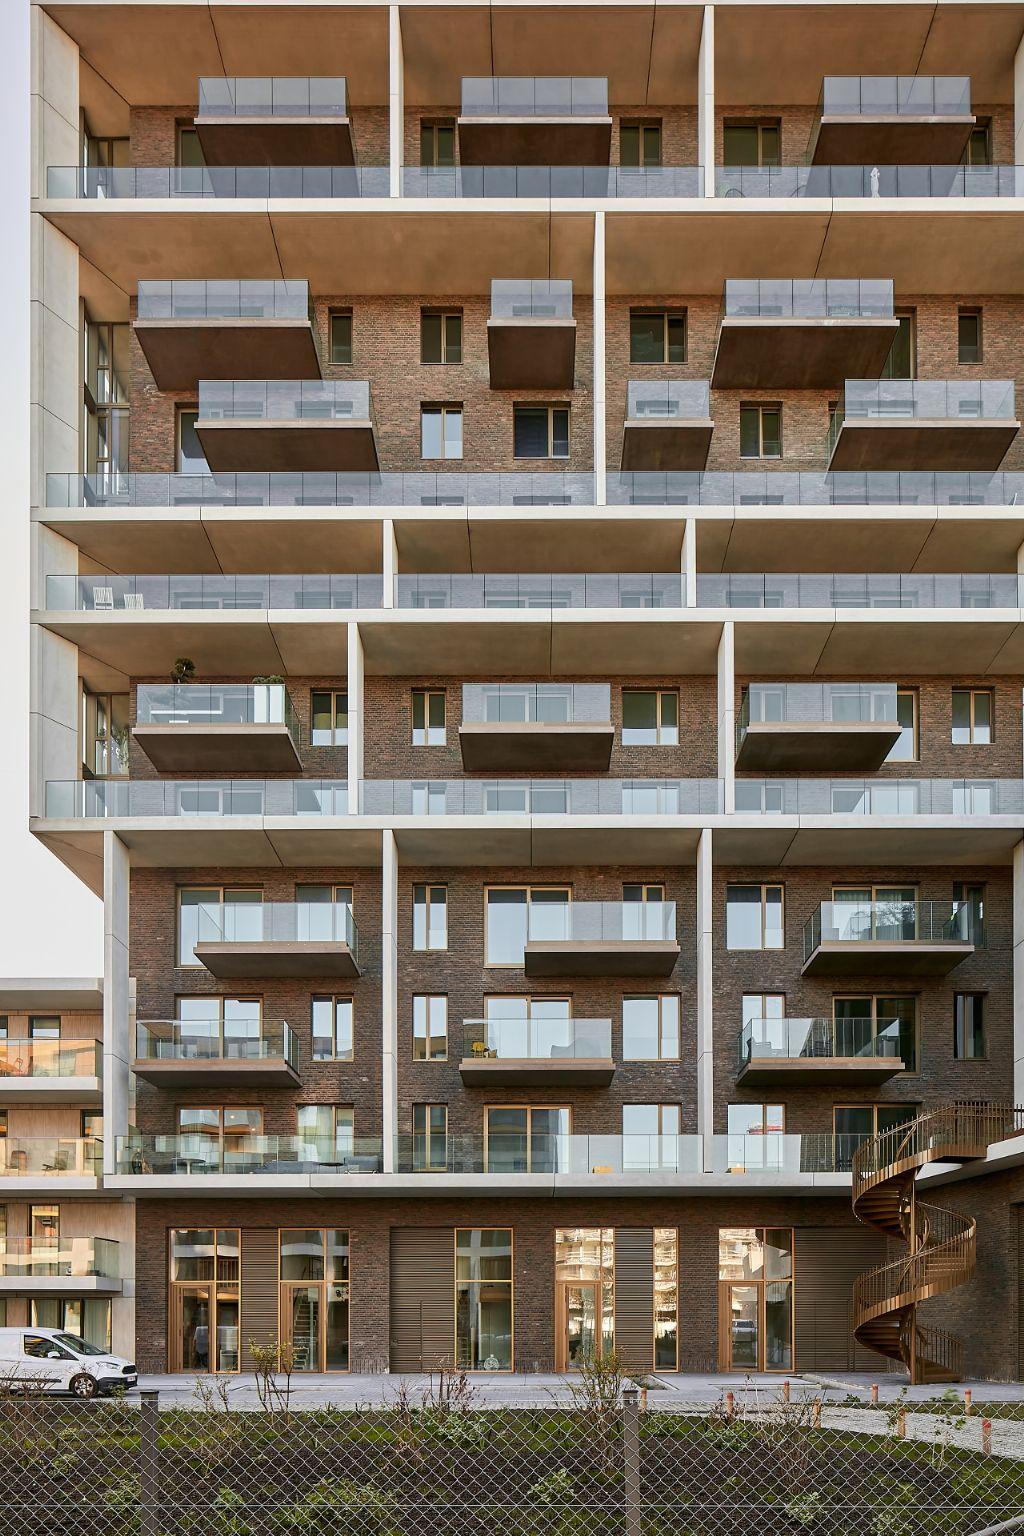 Scheldezicht neemt anonimiteit van hoogbouw weg  (C.F. Møller Architects i.s.m. BRUT Architecture and Urban Design)